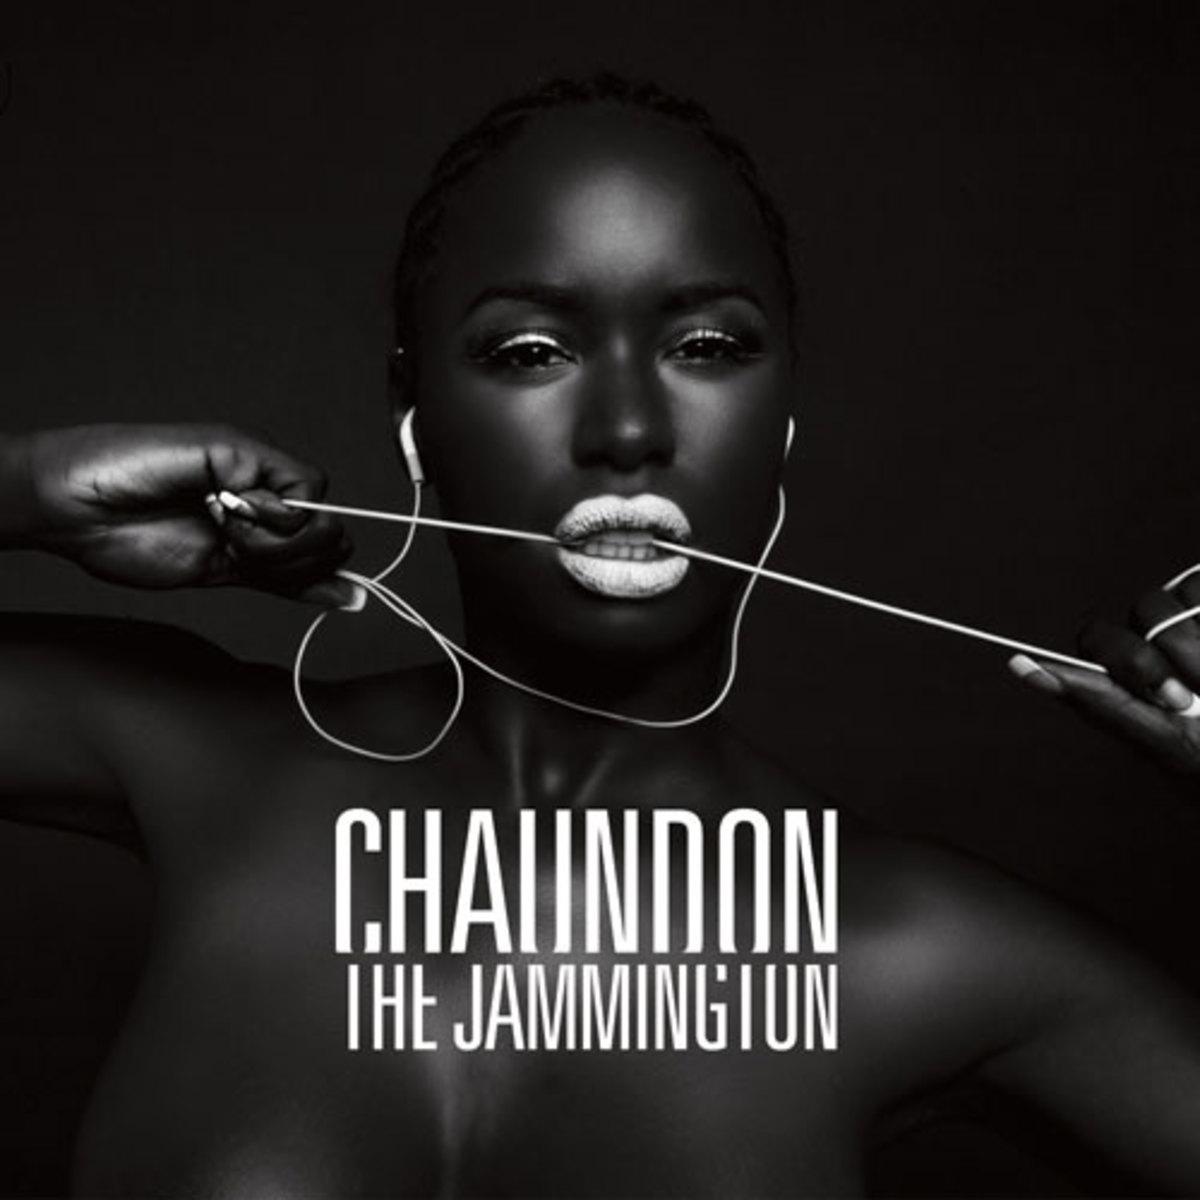 chaundon-thejammington.jpg